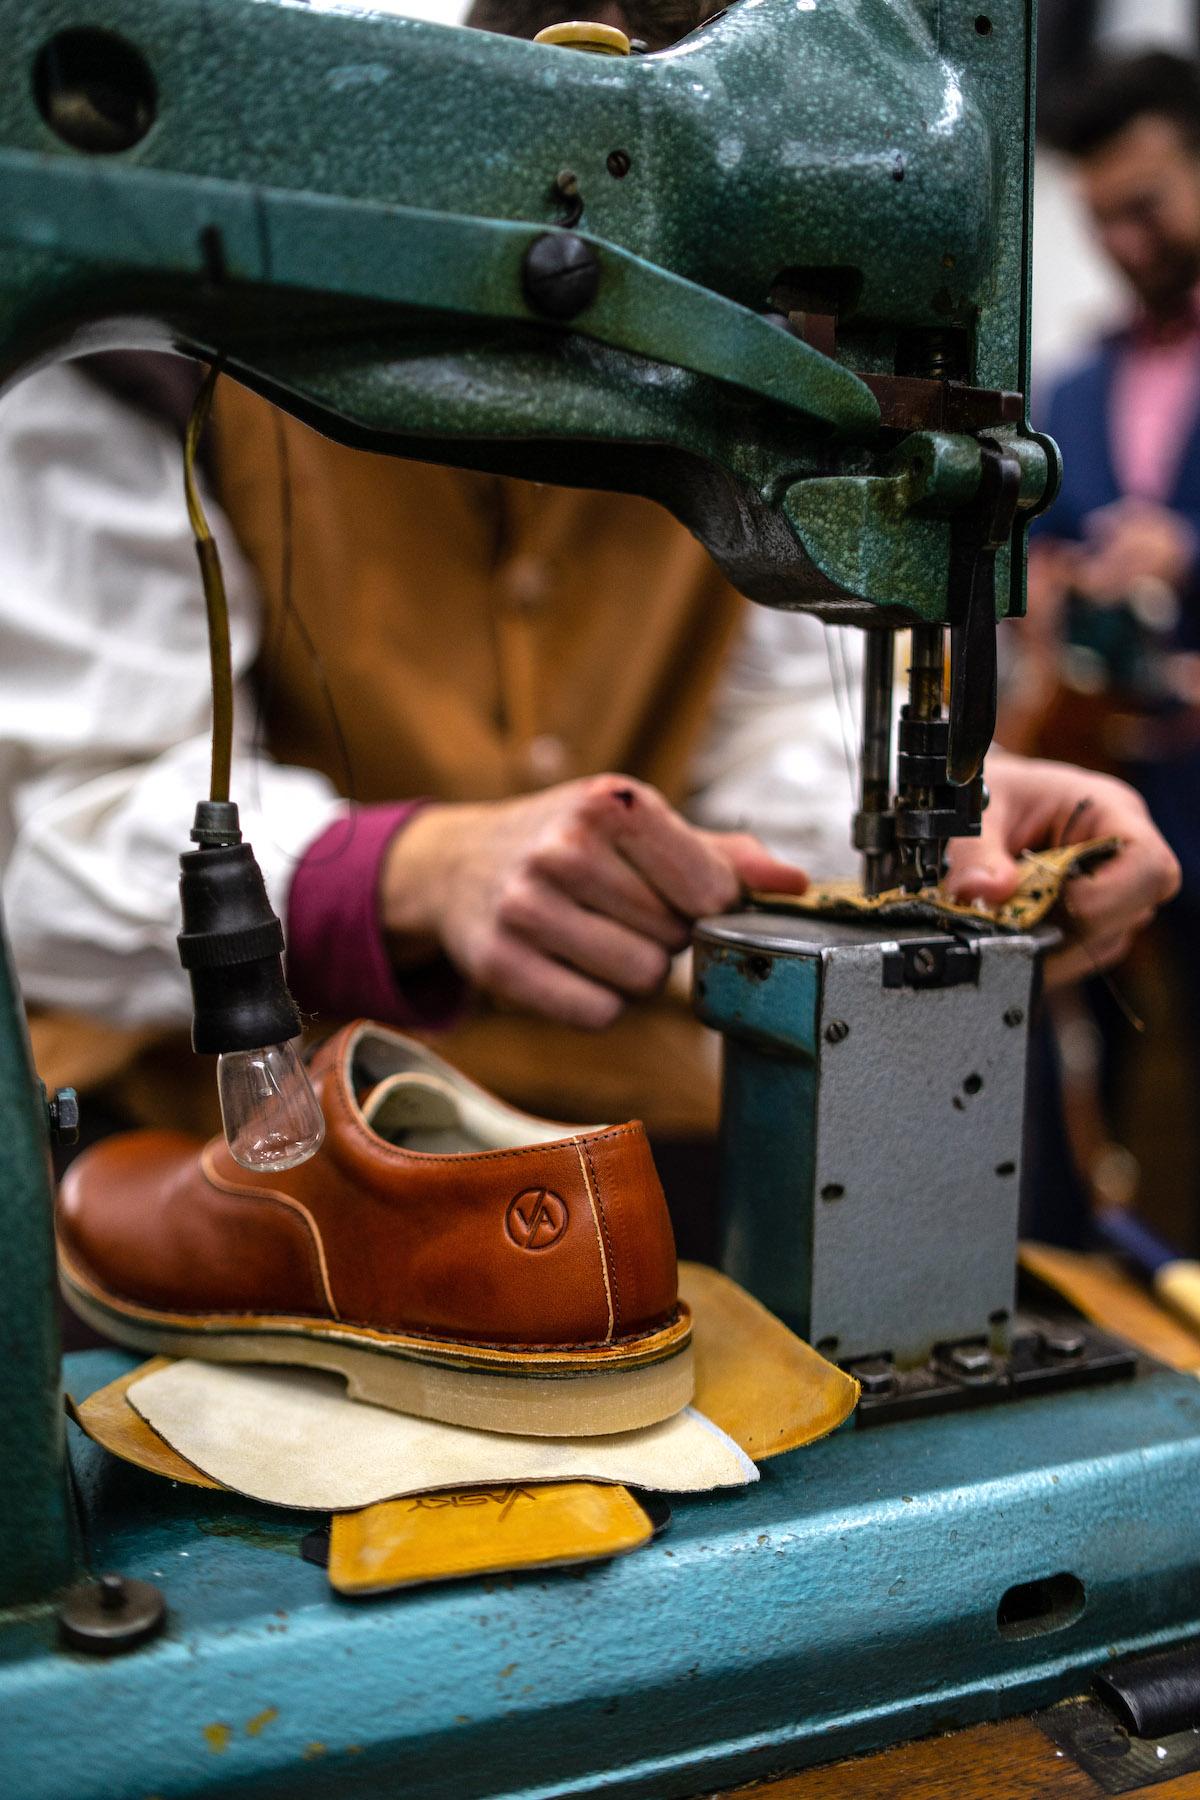 Boty Vasky jsou ručně šité a až na italské tkaničky vznikají výhradně z českých materiálů